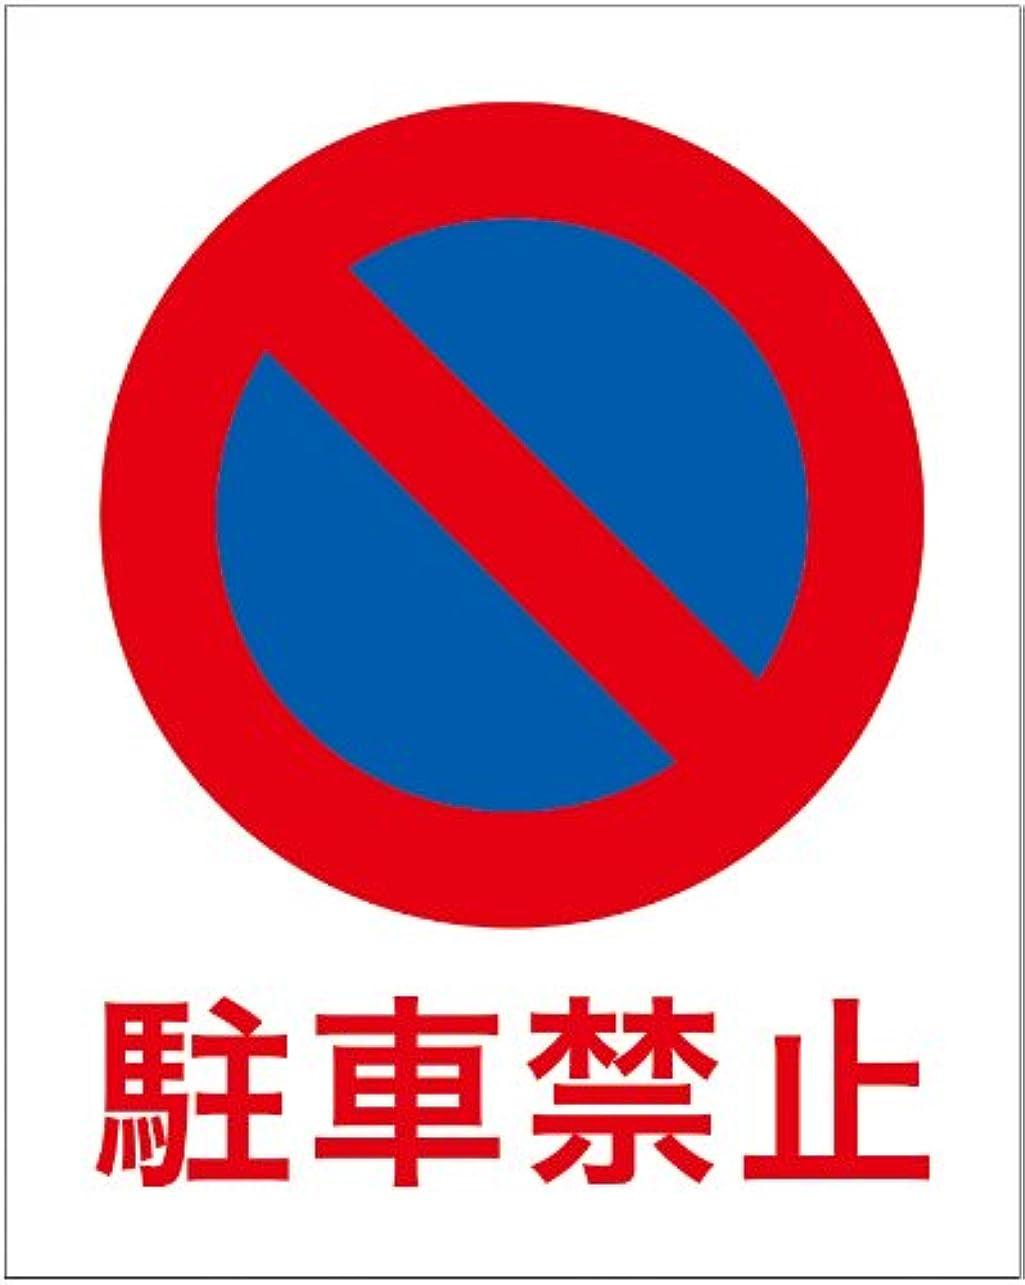 ヘア正確にミネラル「駐車禁止(S)」 床や路面に直接貼れる 路面表示ステッカー 300X230mm